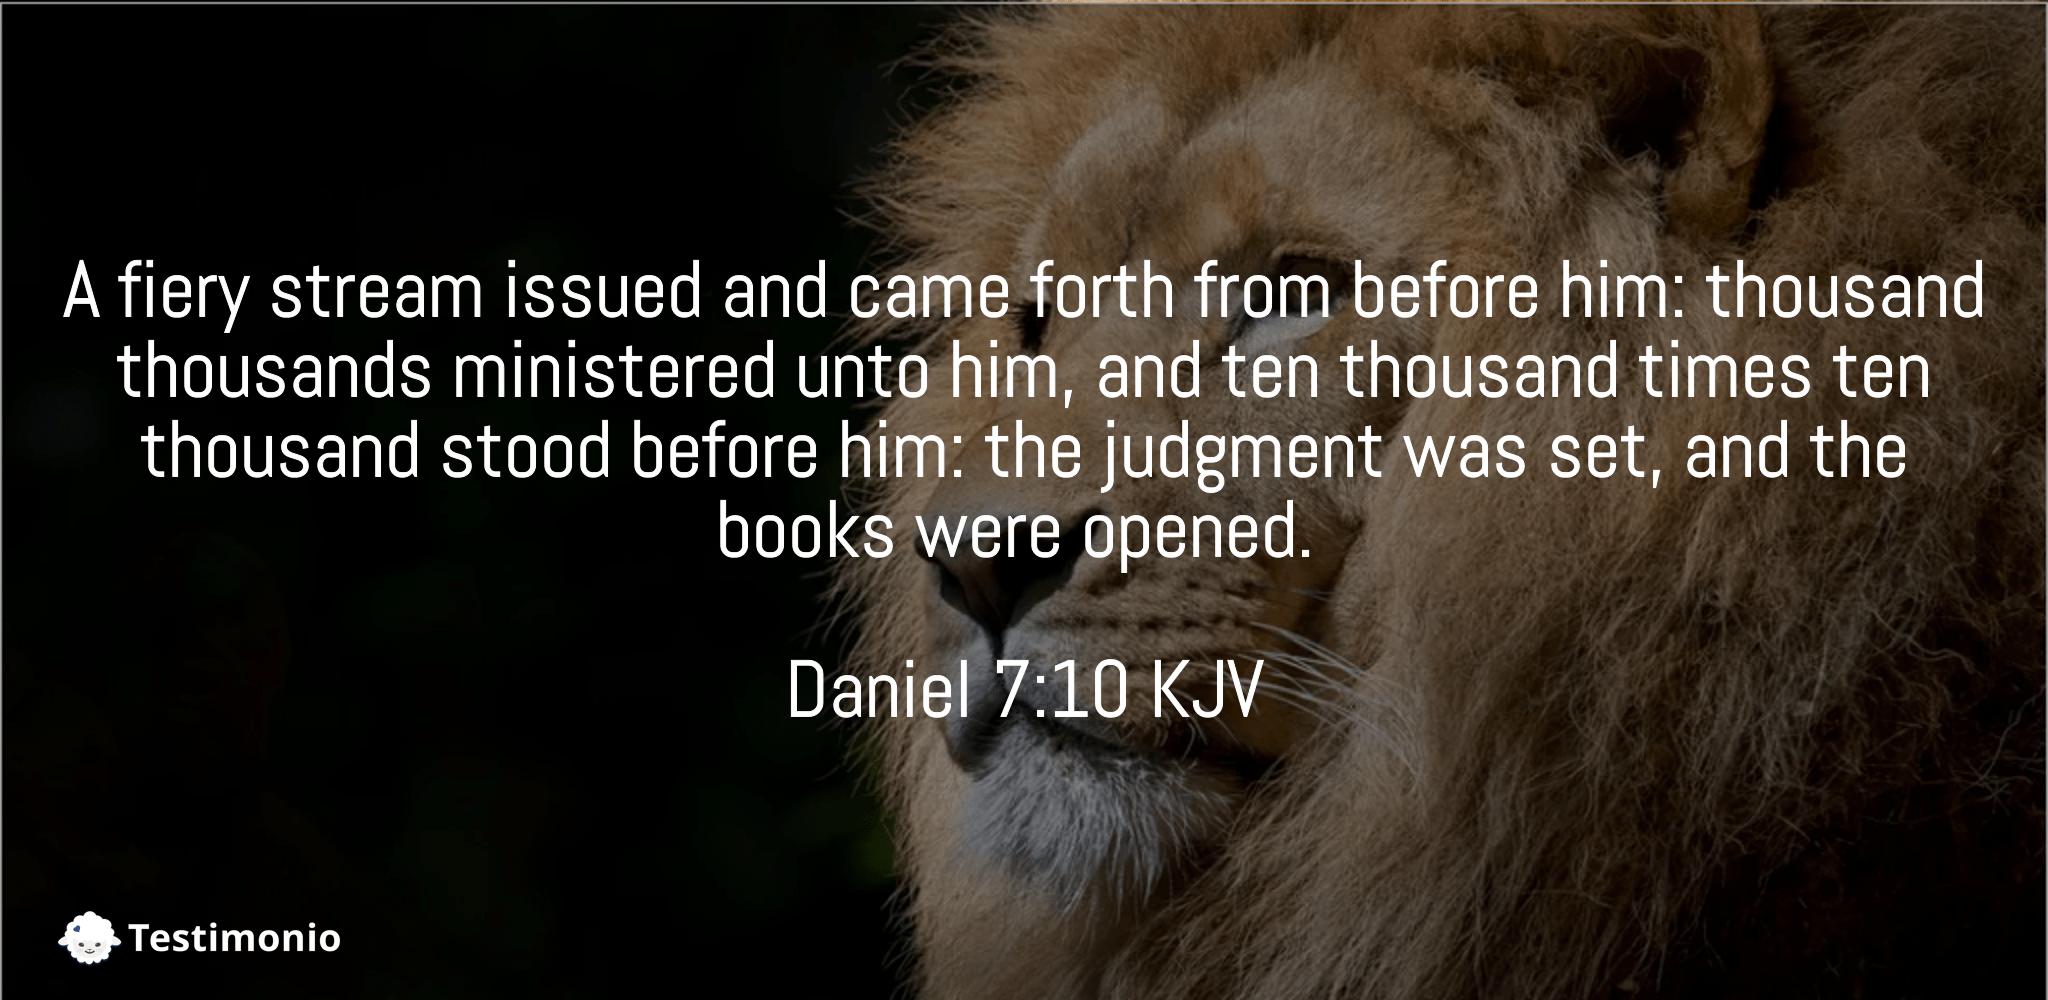 Daniel 7:10